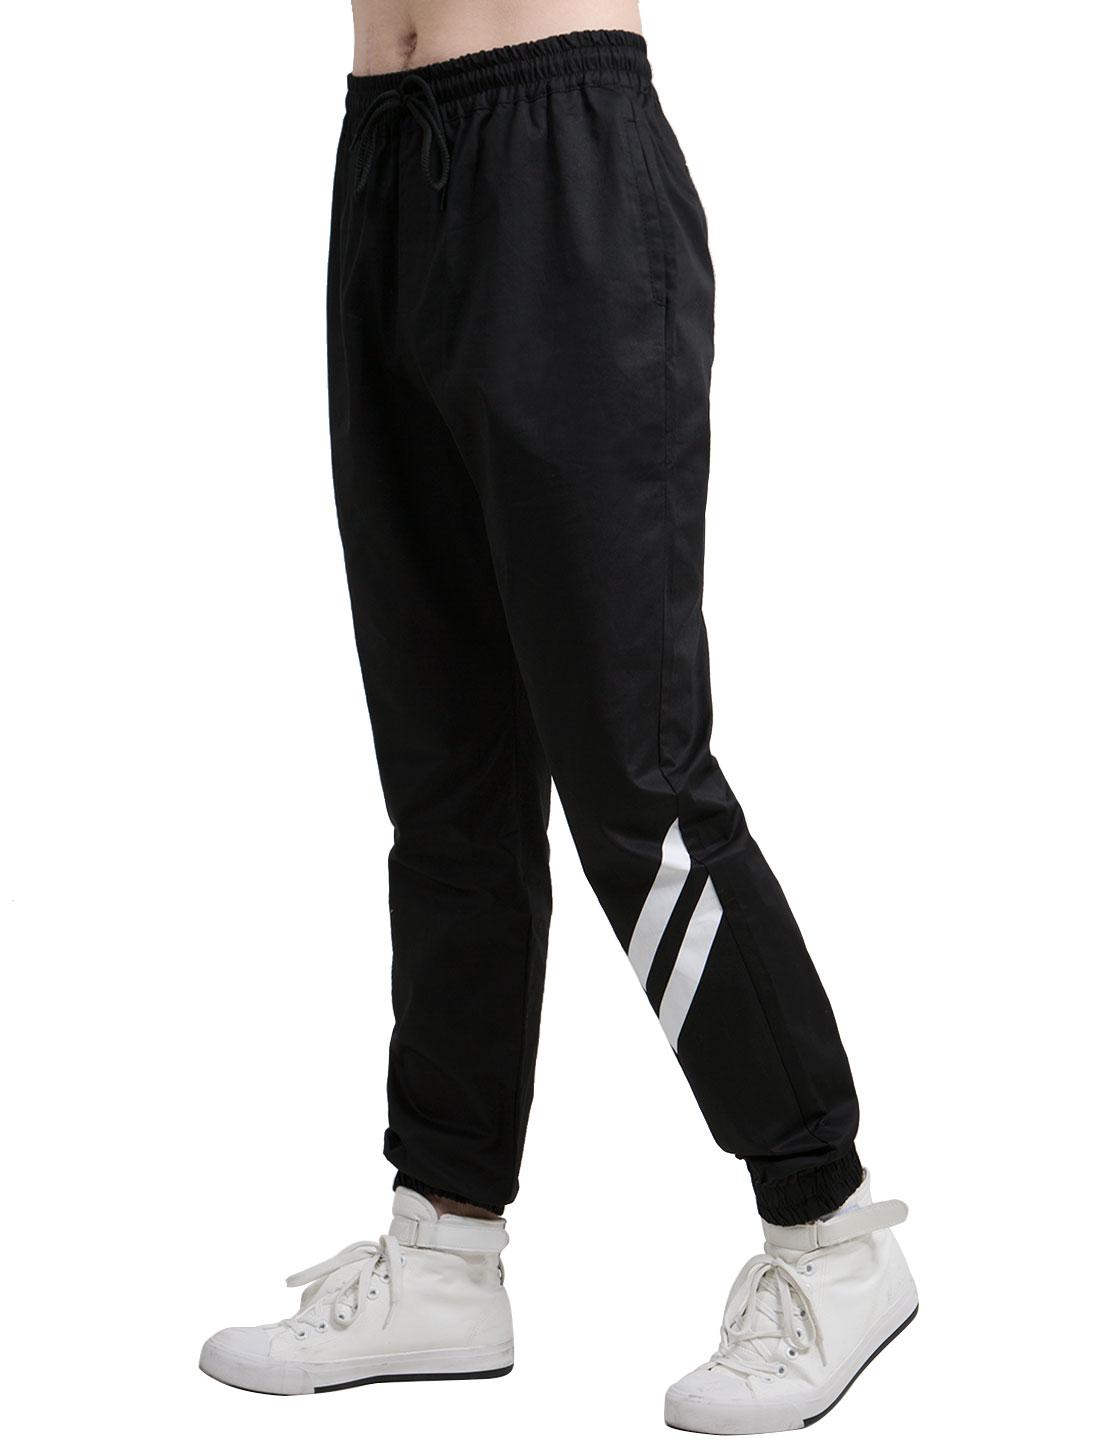 Men Arrows Pattern Lightweight Stretch Elastic Waist Sweatpants Black W32